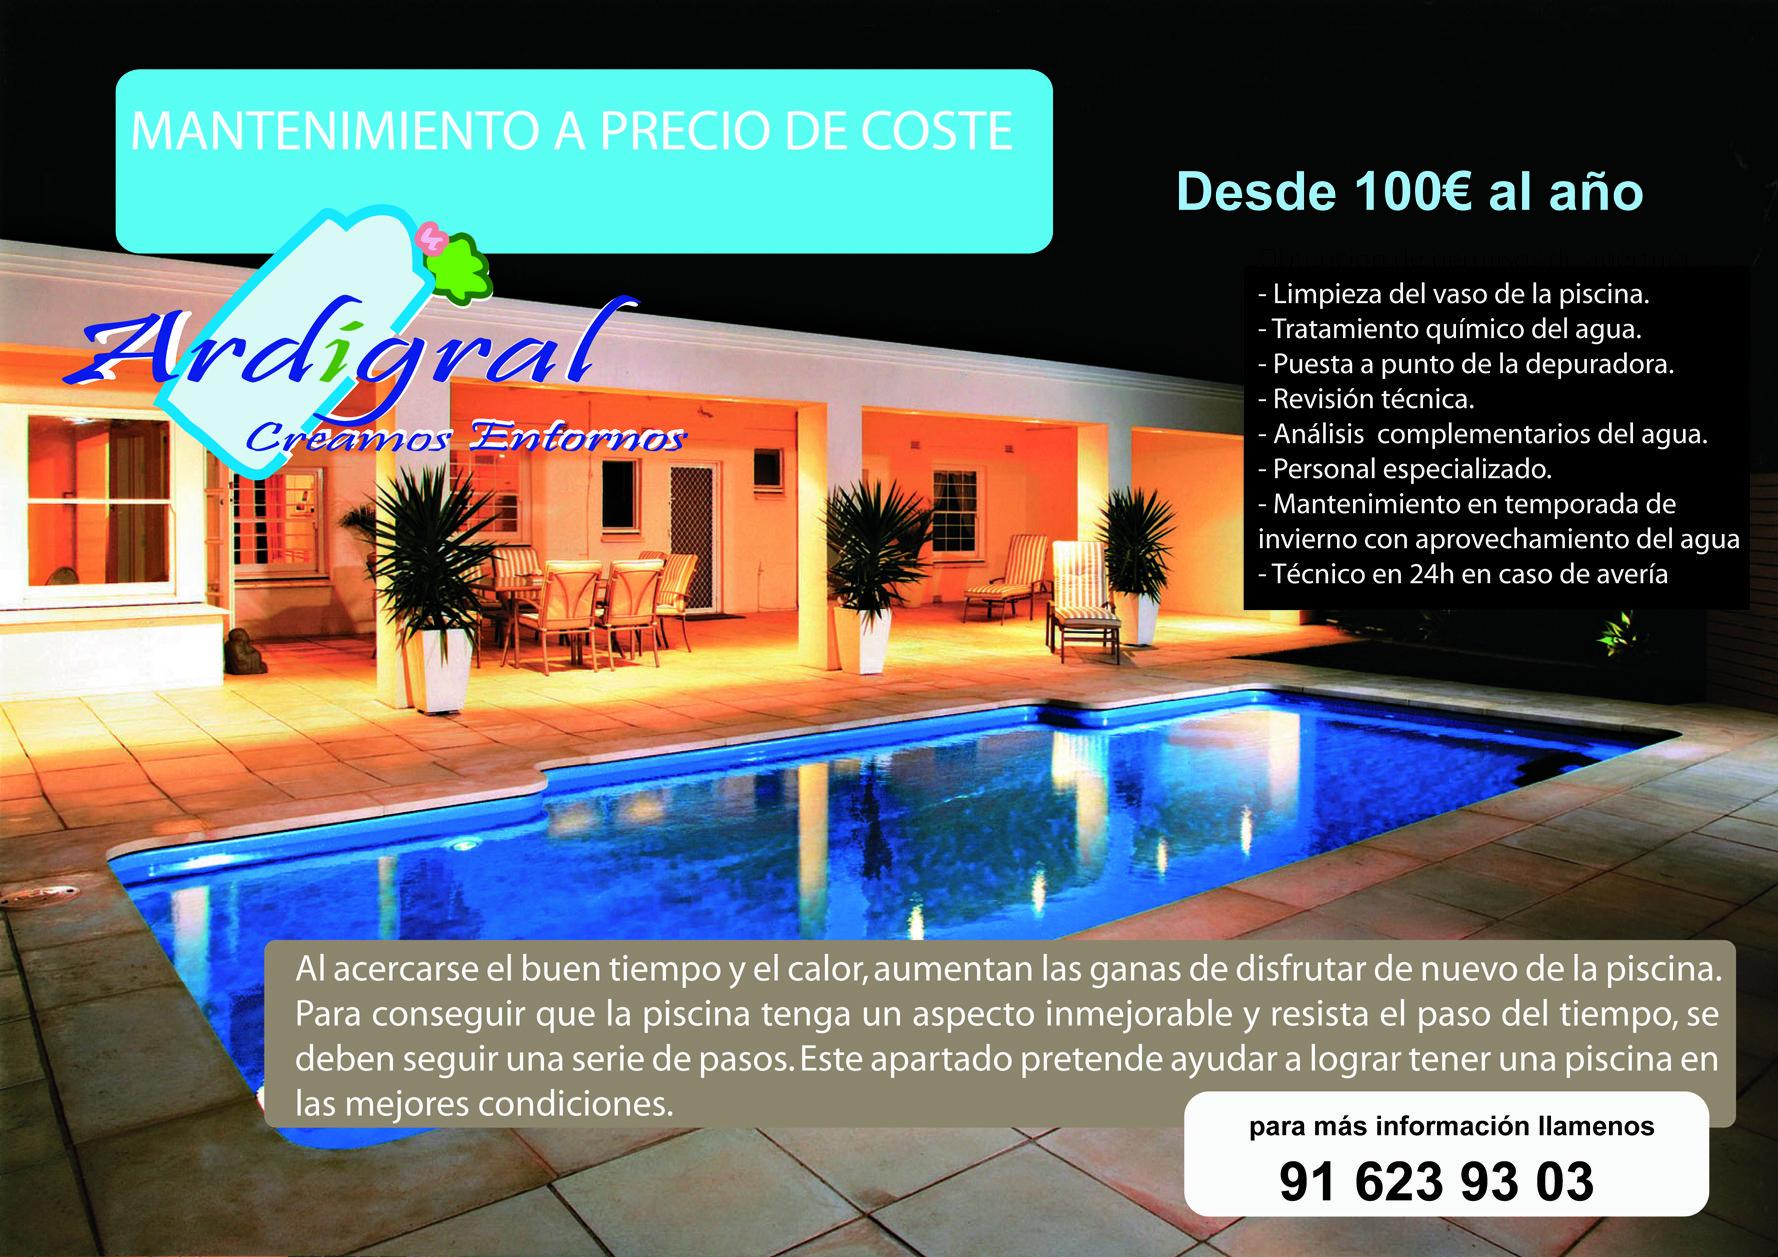 Mantenimiento de piscinas a precio de coste - Coste mantenimiento piscina ...